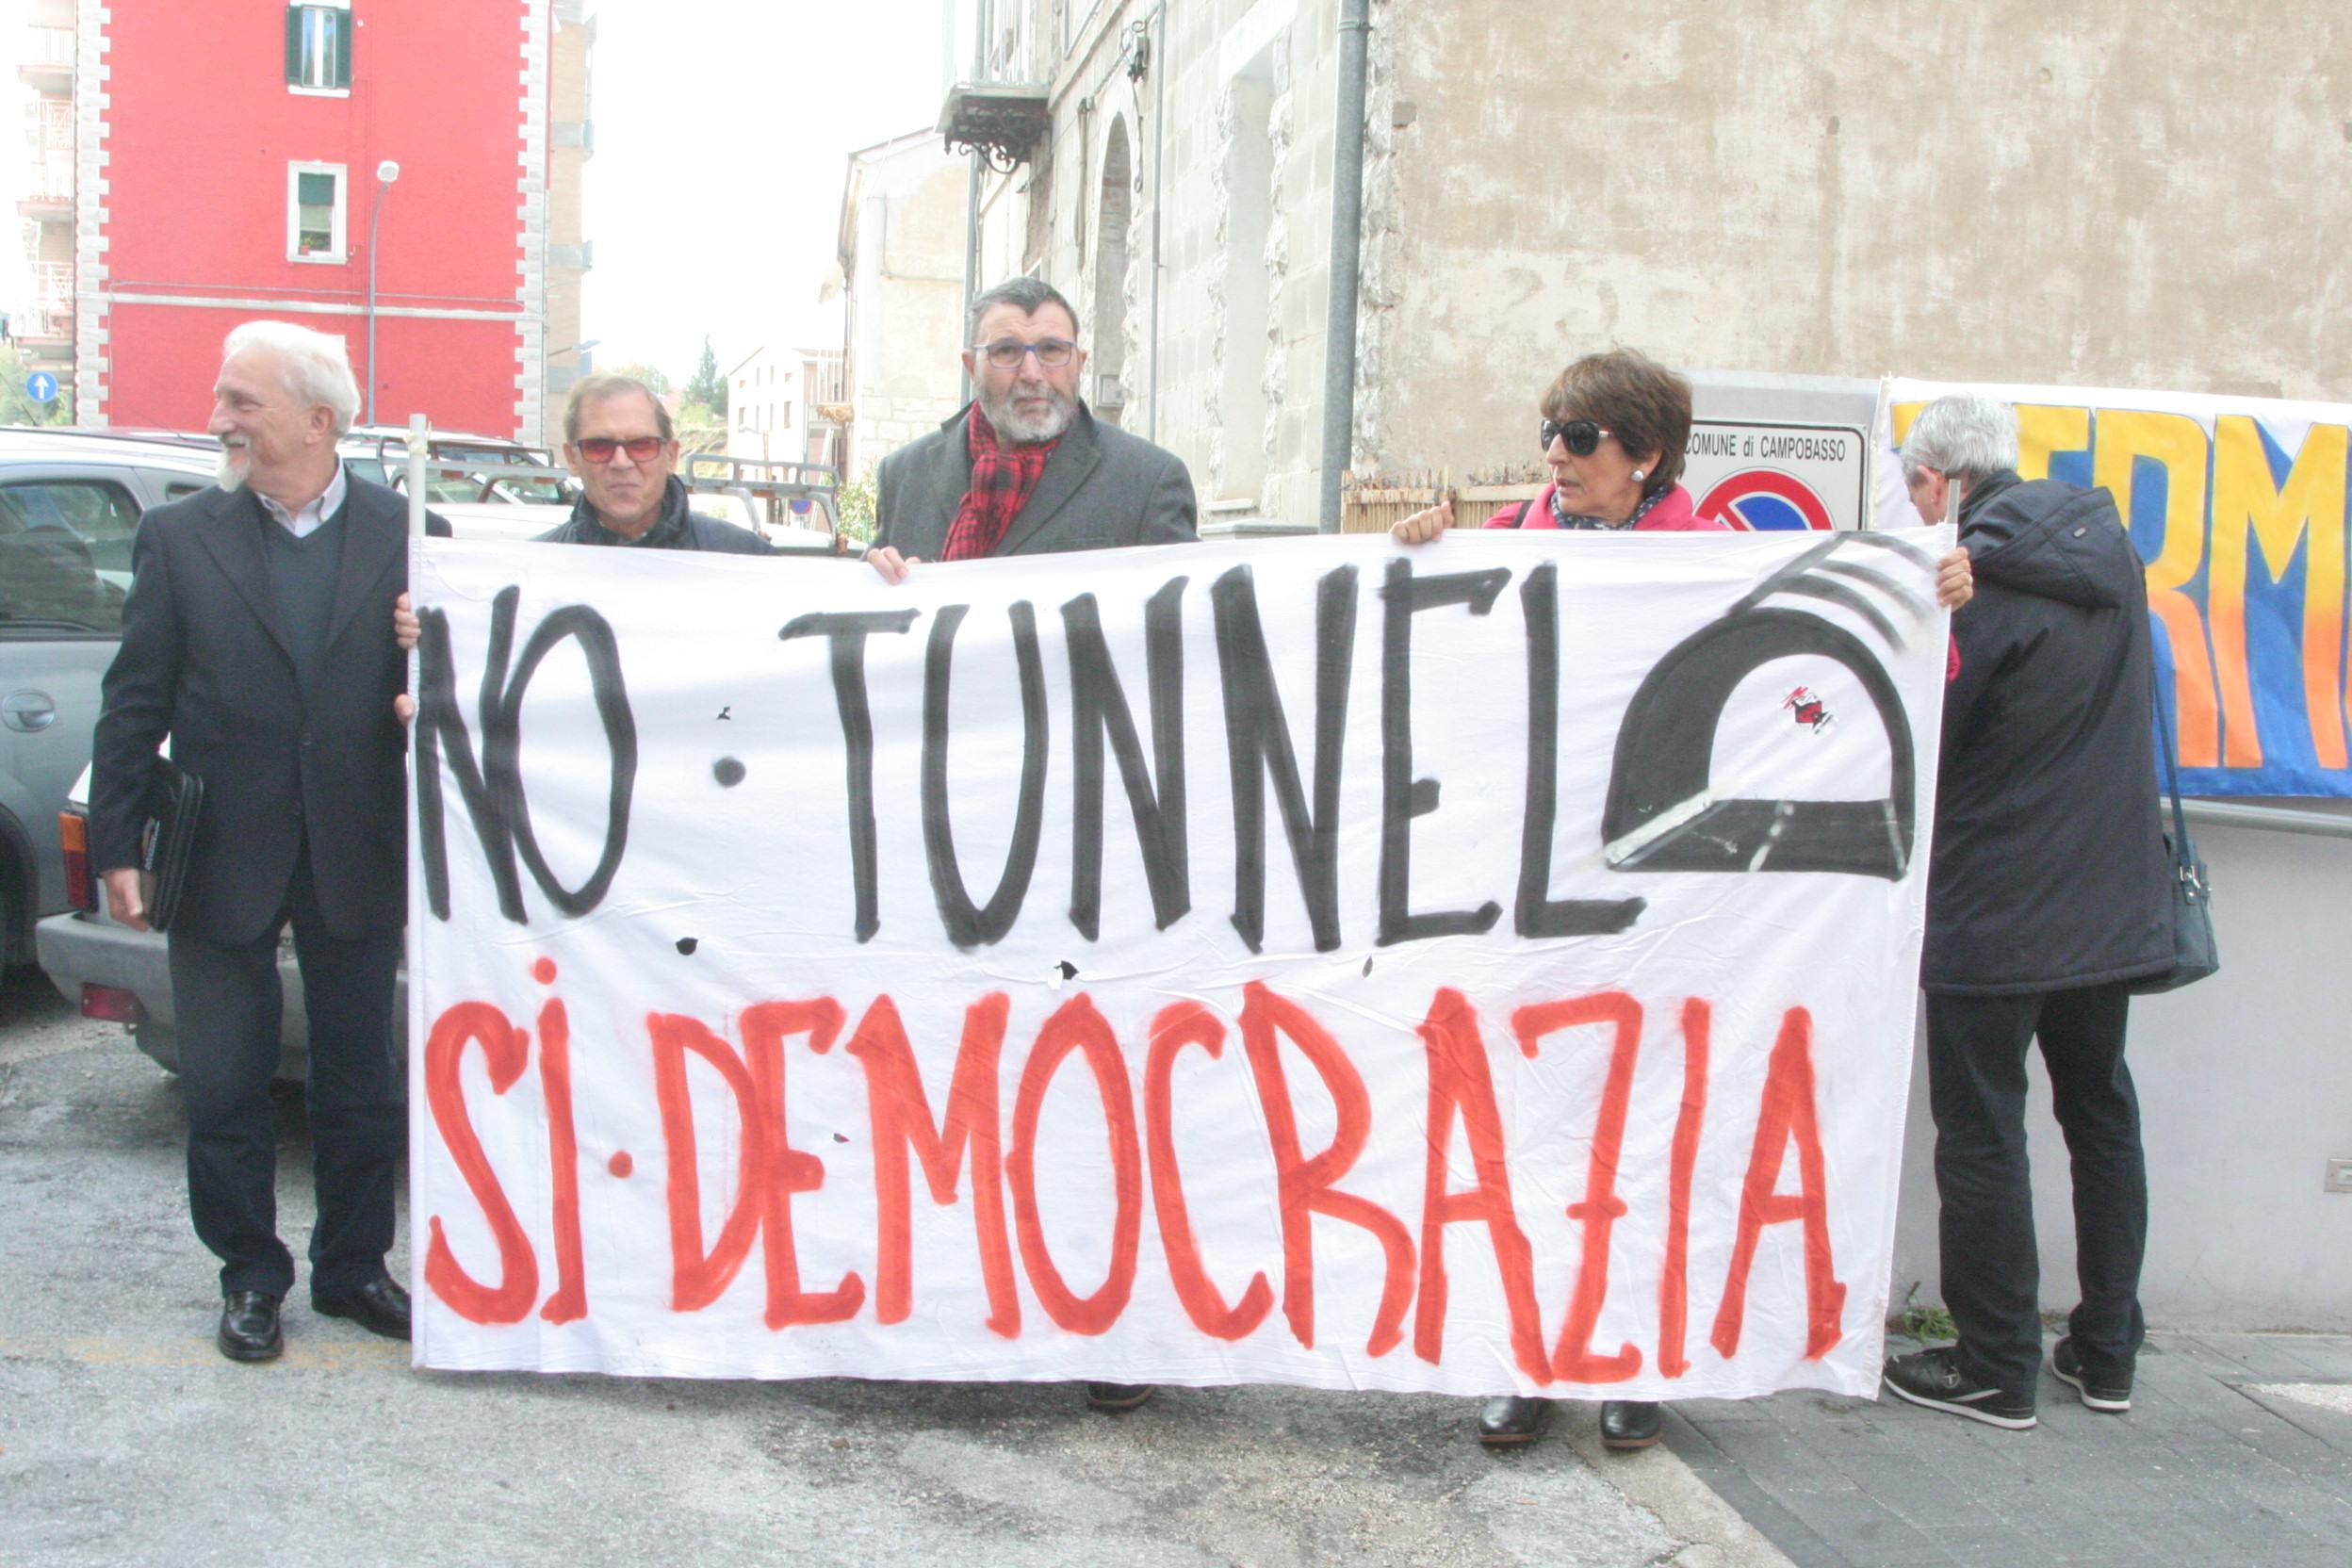 """Il Comitato 'No Tunnel': """"Stanno svendendo la città"""". Lunedì nuova assemblea pubblica"""